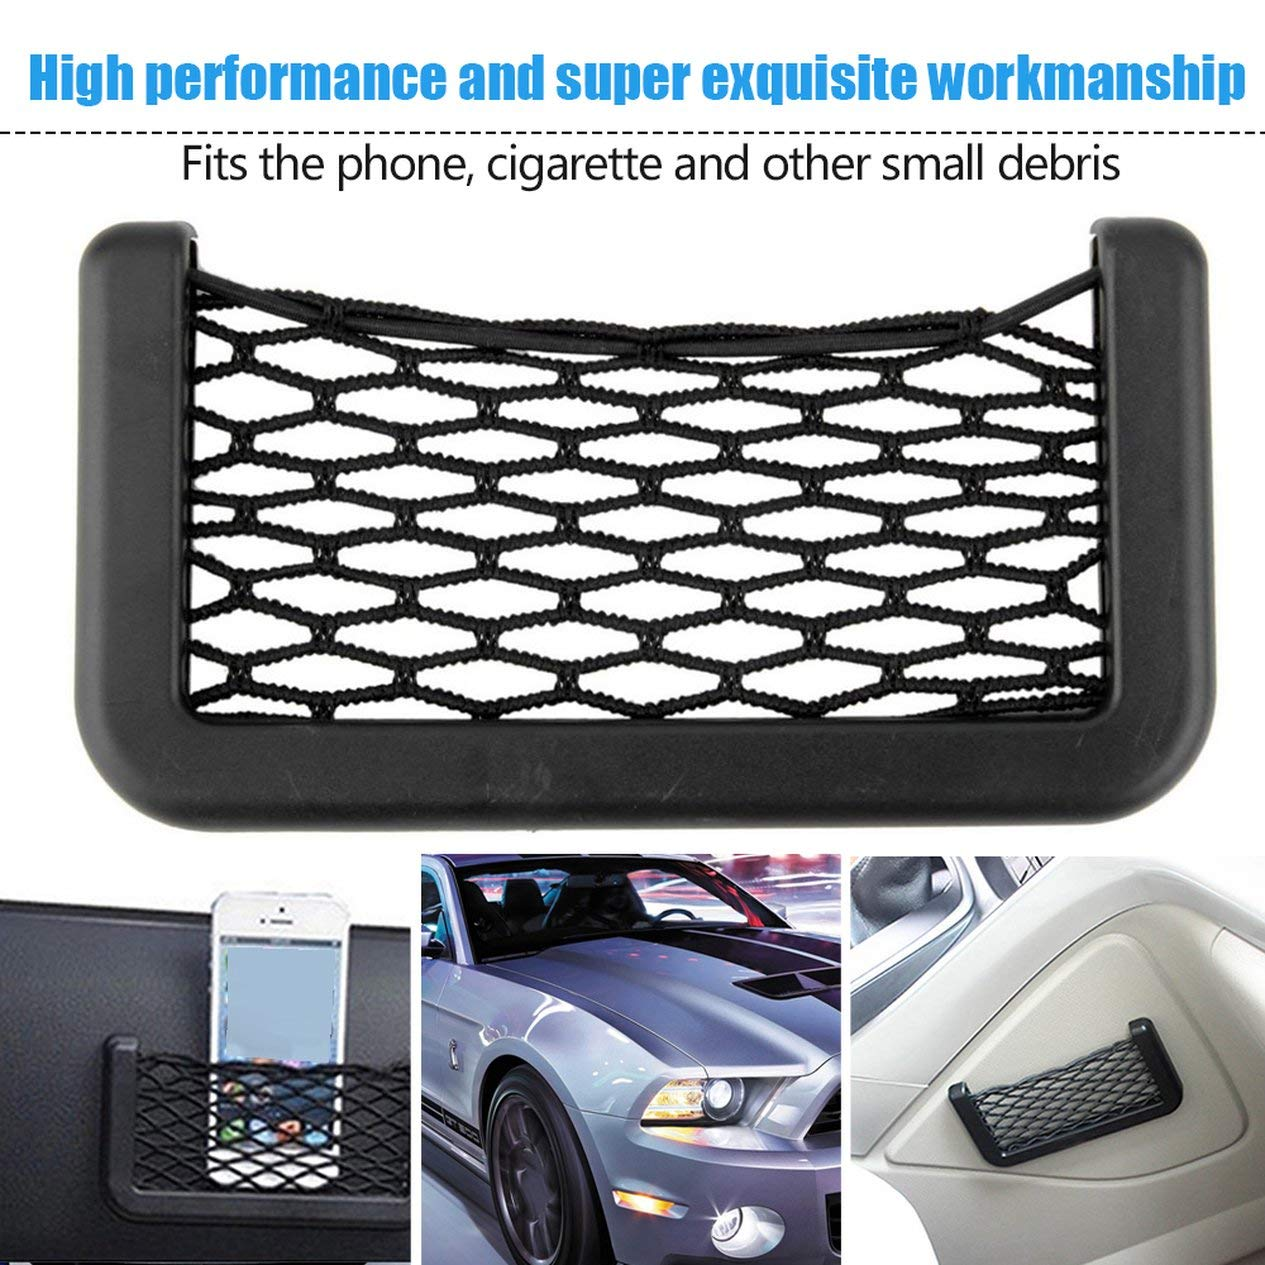 EdBerk74 Car Net Bag Organizador del coche Redes 15X8cm Bolsillos automotrices con visera adhesiva Almacenamiento del bolso del coche para herramientas Tel/éfono m/óvil